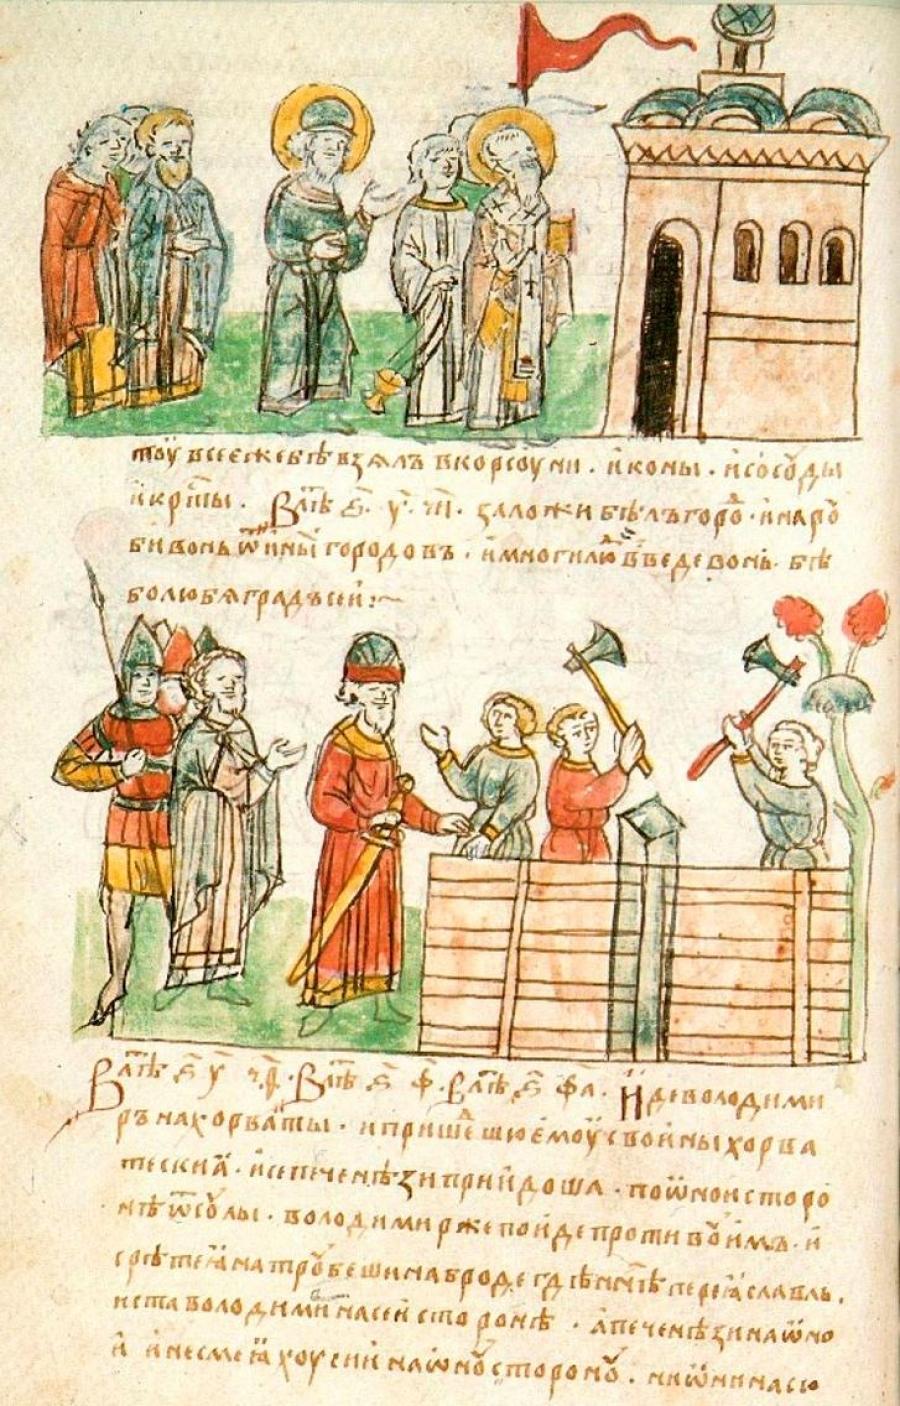 Кисельно-медовые колодцы смекалистого Белгорода. Русь.  997 год